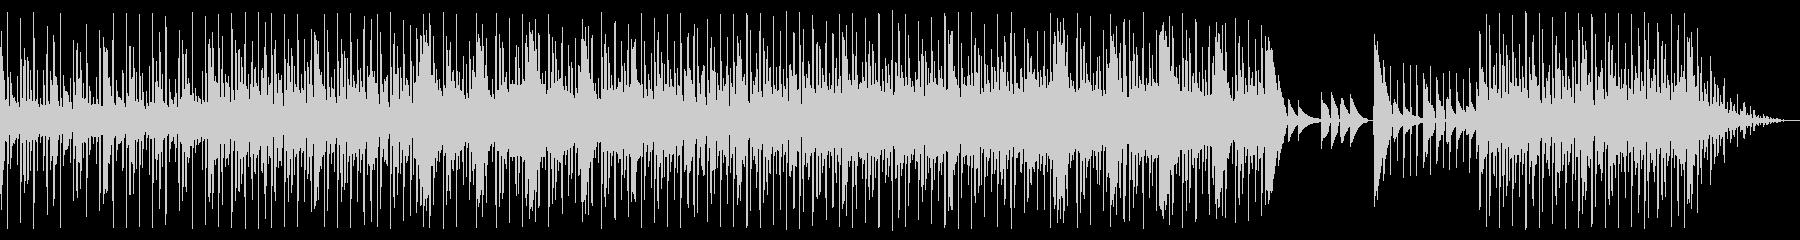 クールでホワホワしたポップ_No531の未再生の波形